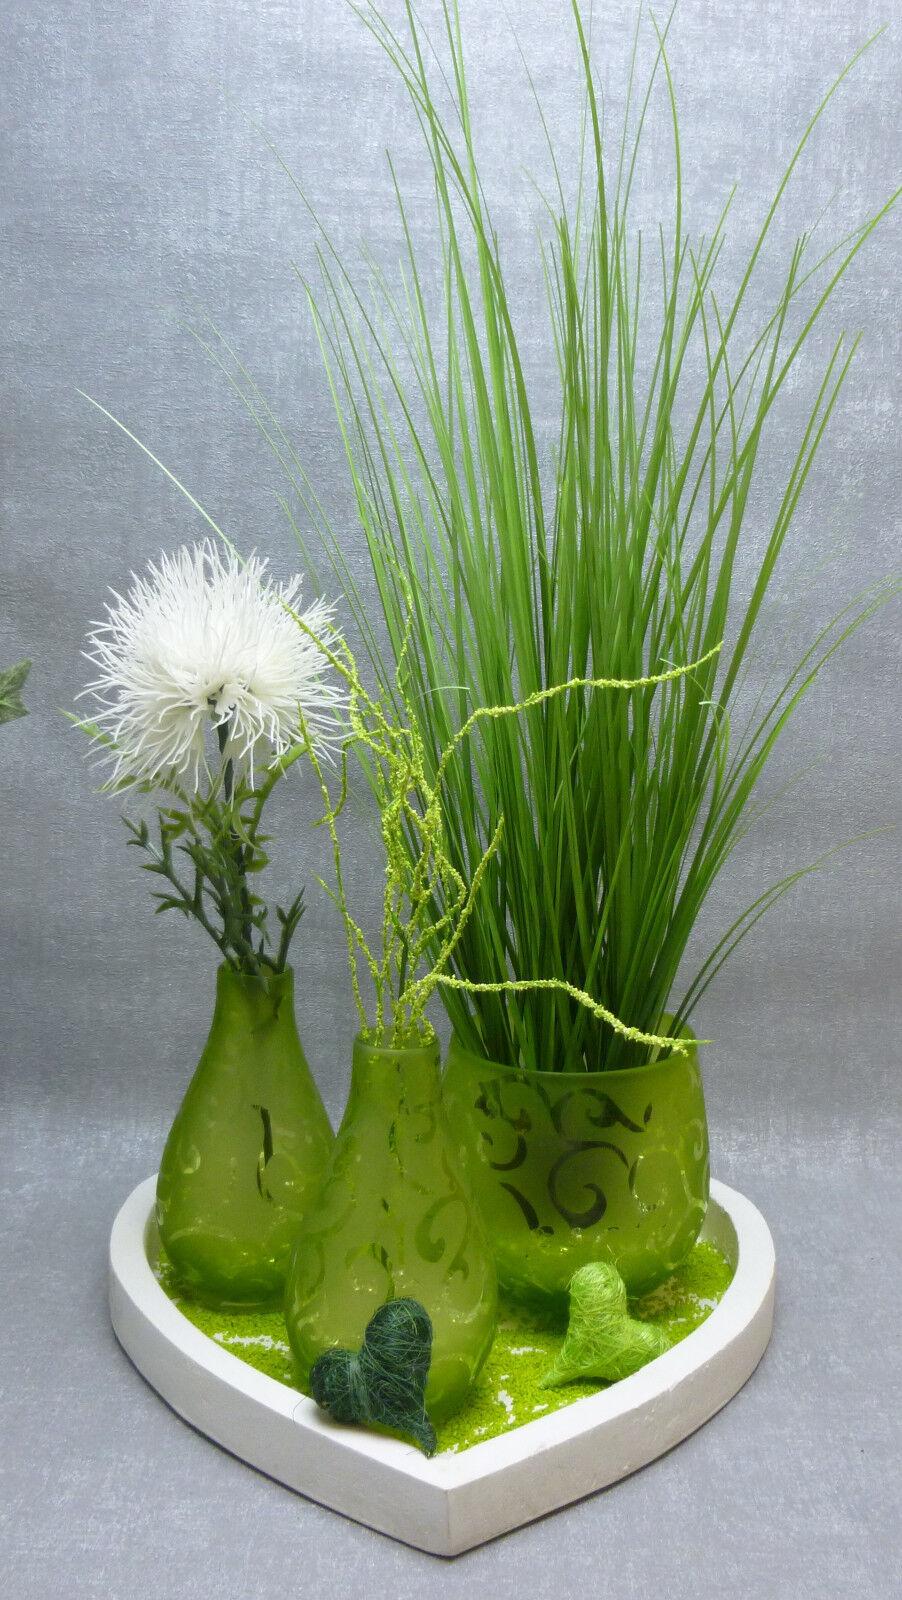 edel Komplettdeko Weiß Grün Herzen Grünpflanzen Vasen 3 ...